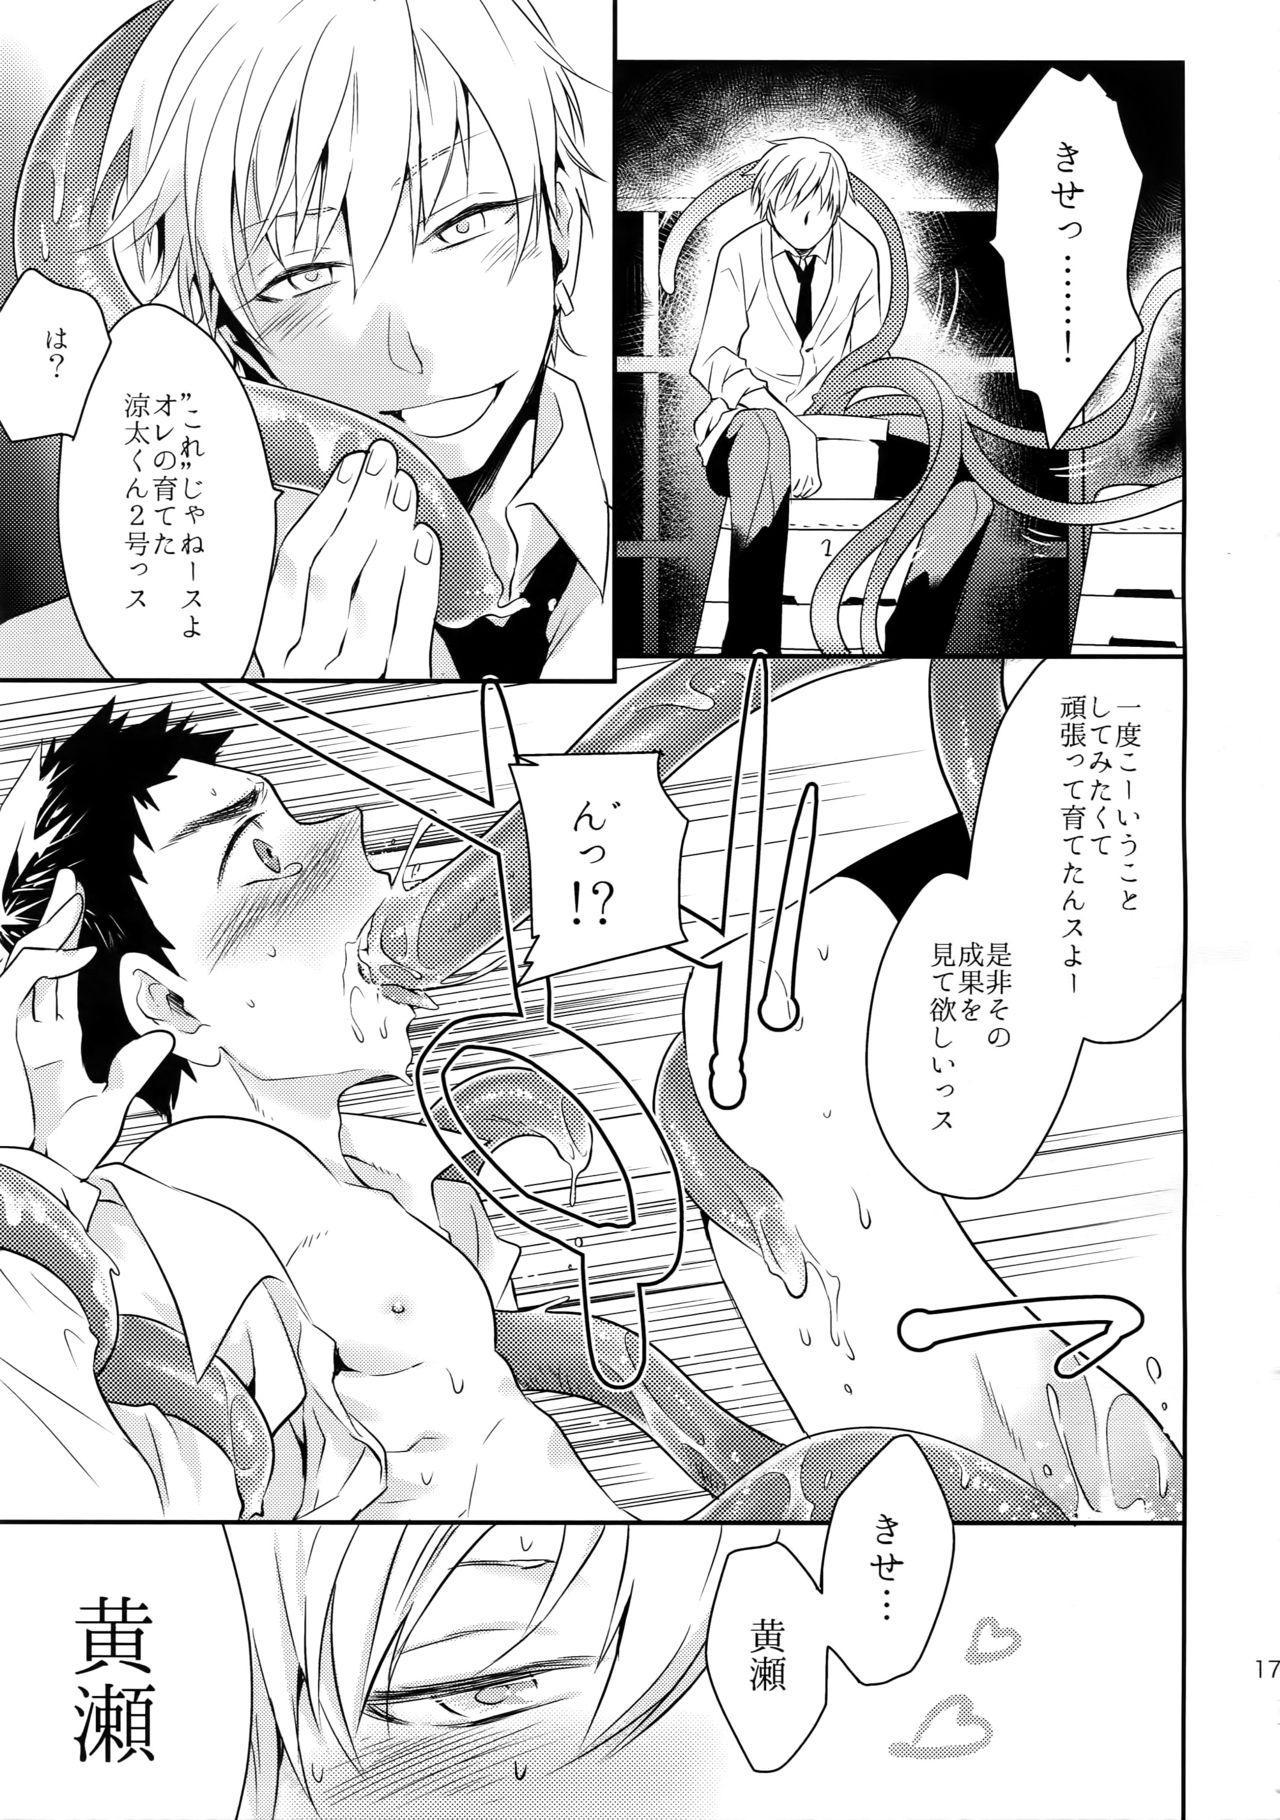 Kanpeki Kareshi to Zettai Ryouiki Ouji-sama 169